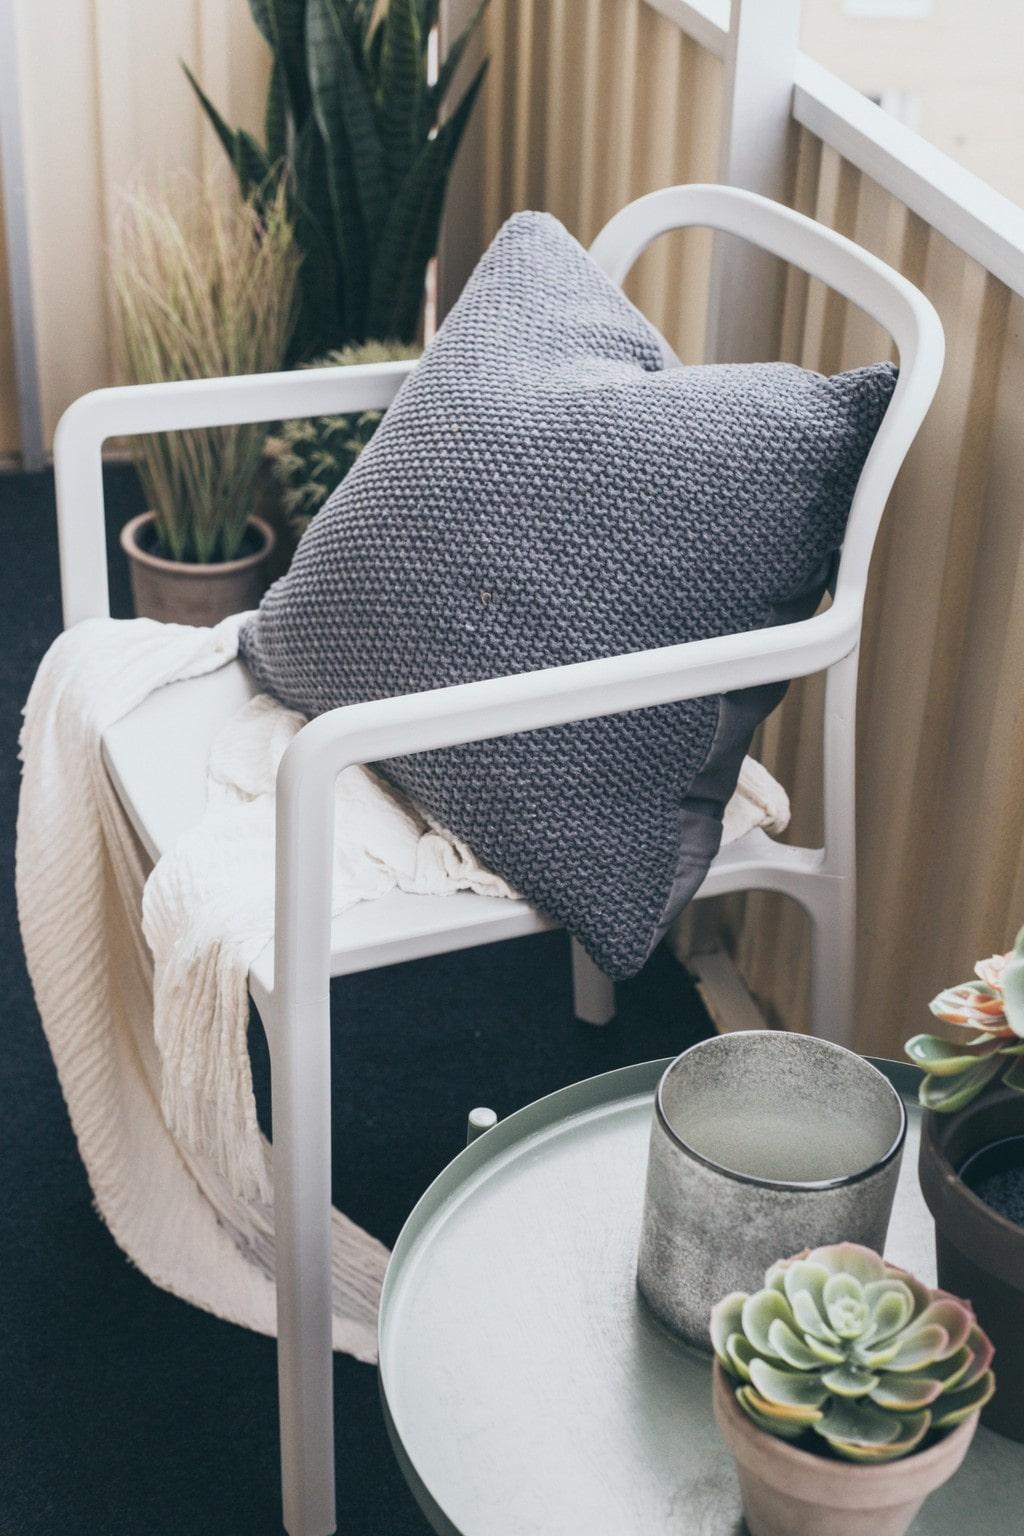 vit stol och ljusgrönt sidobord på en balkong